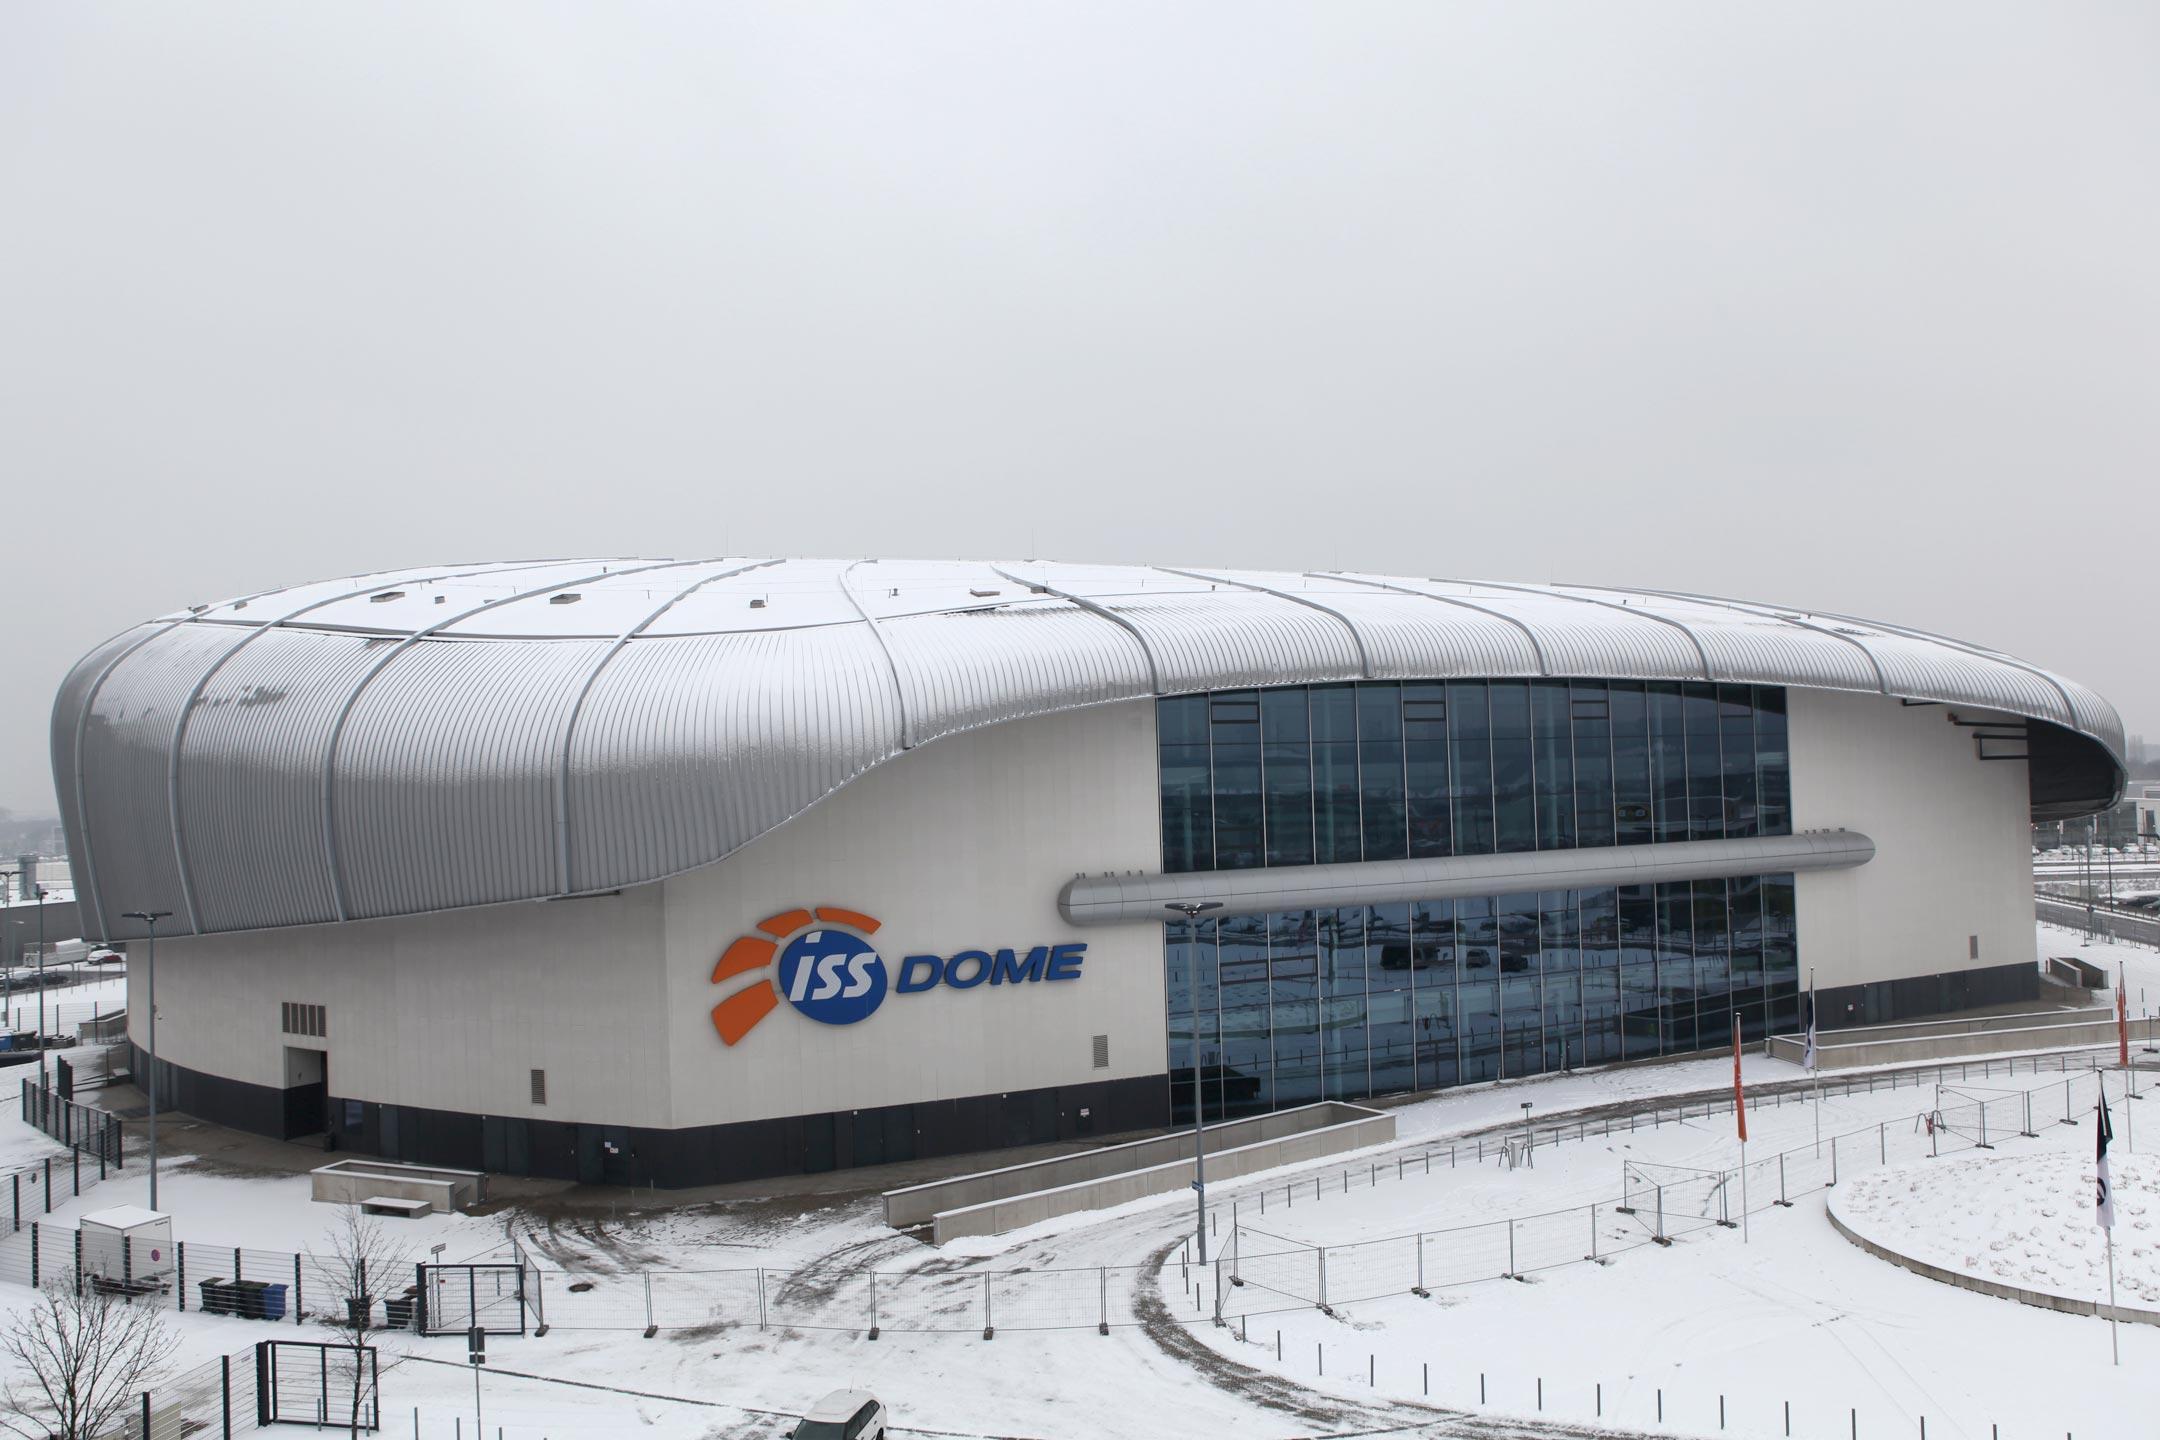 Schneeräumung auf dem ISS Dome